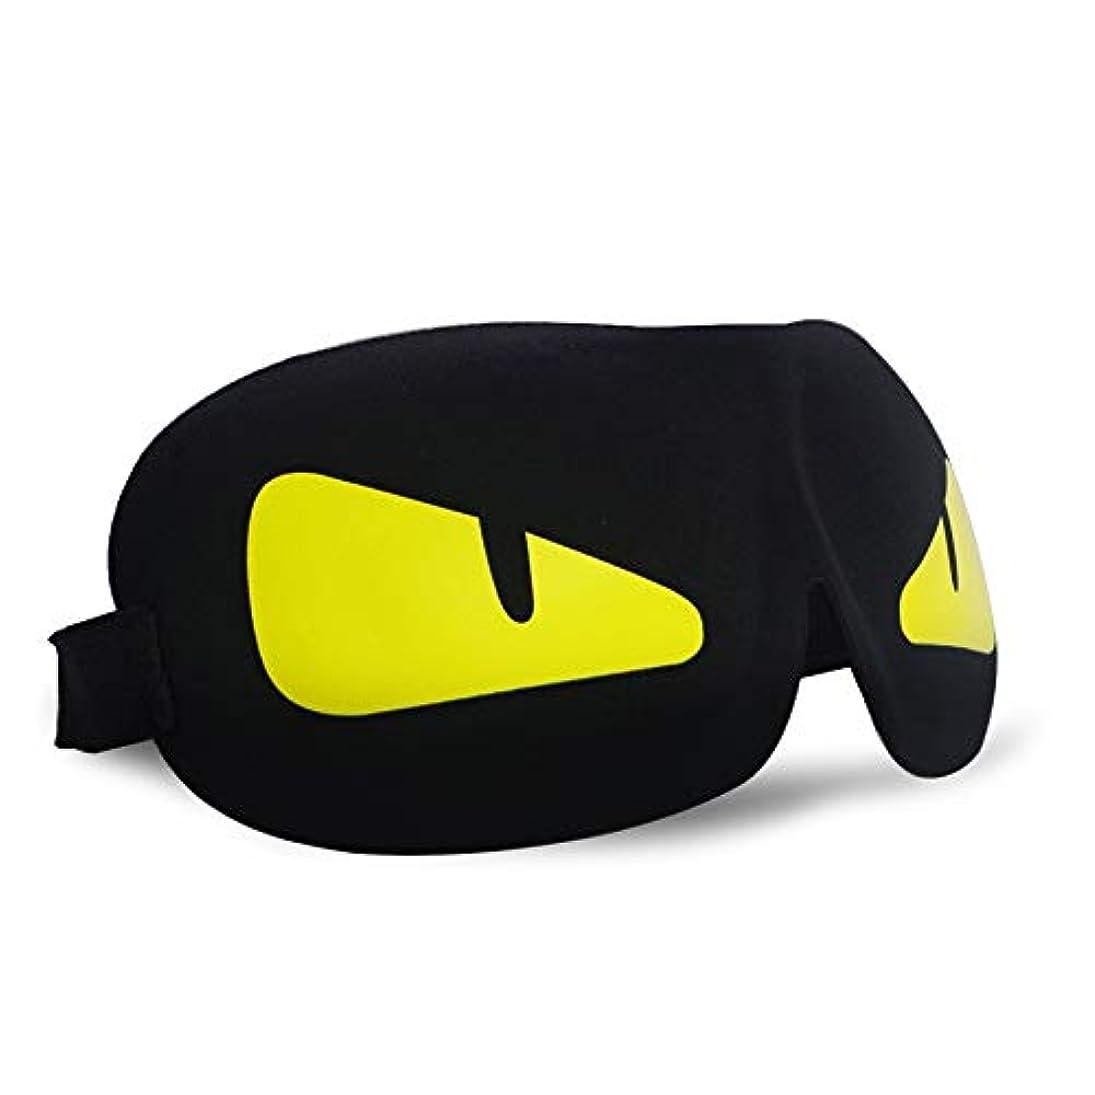 発症好戦的なマルコポーロNOTE 漫画3dアイマスク睡眠補助マスク用旅行残りカバーアイパッチ目隠しアイシェードシールドライトギフト用子供